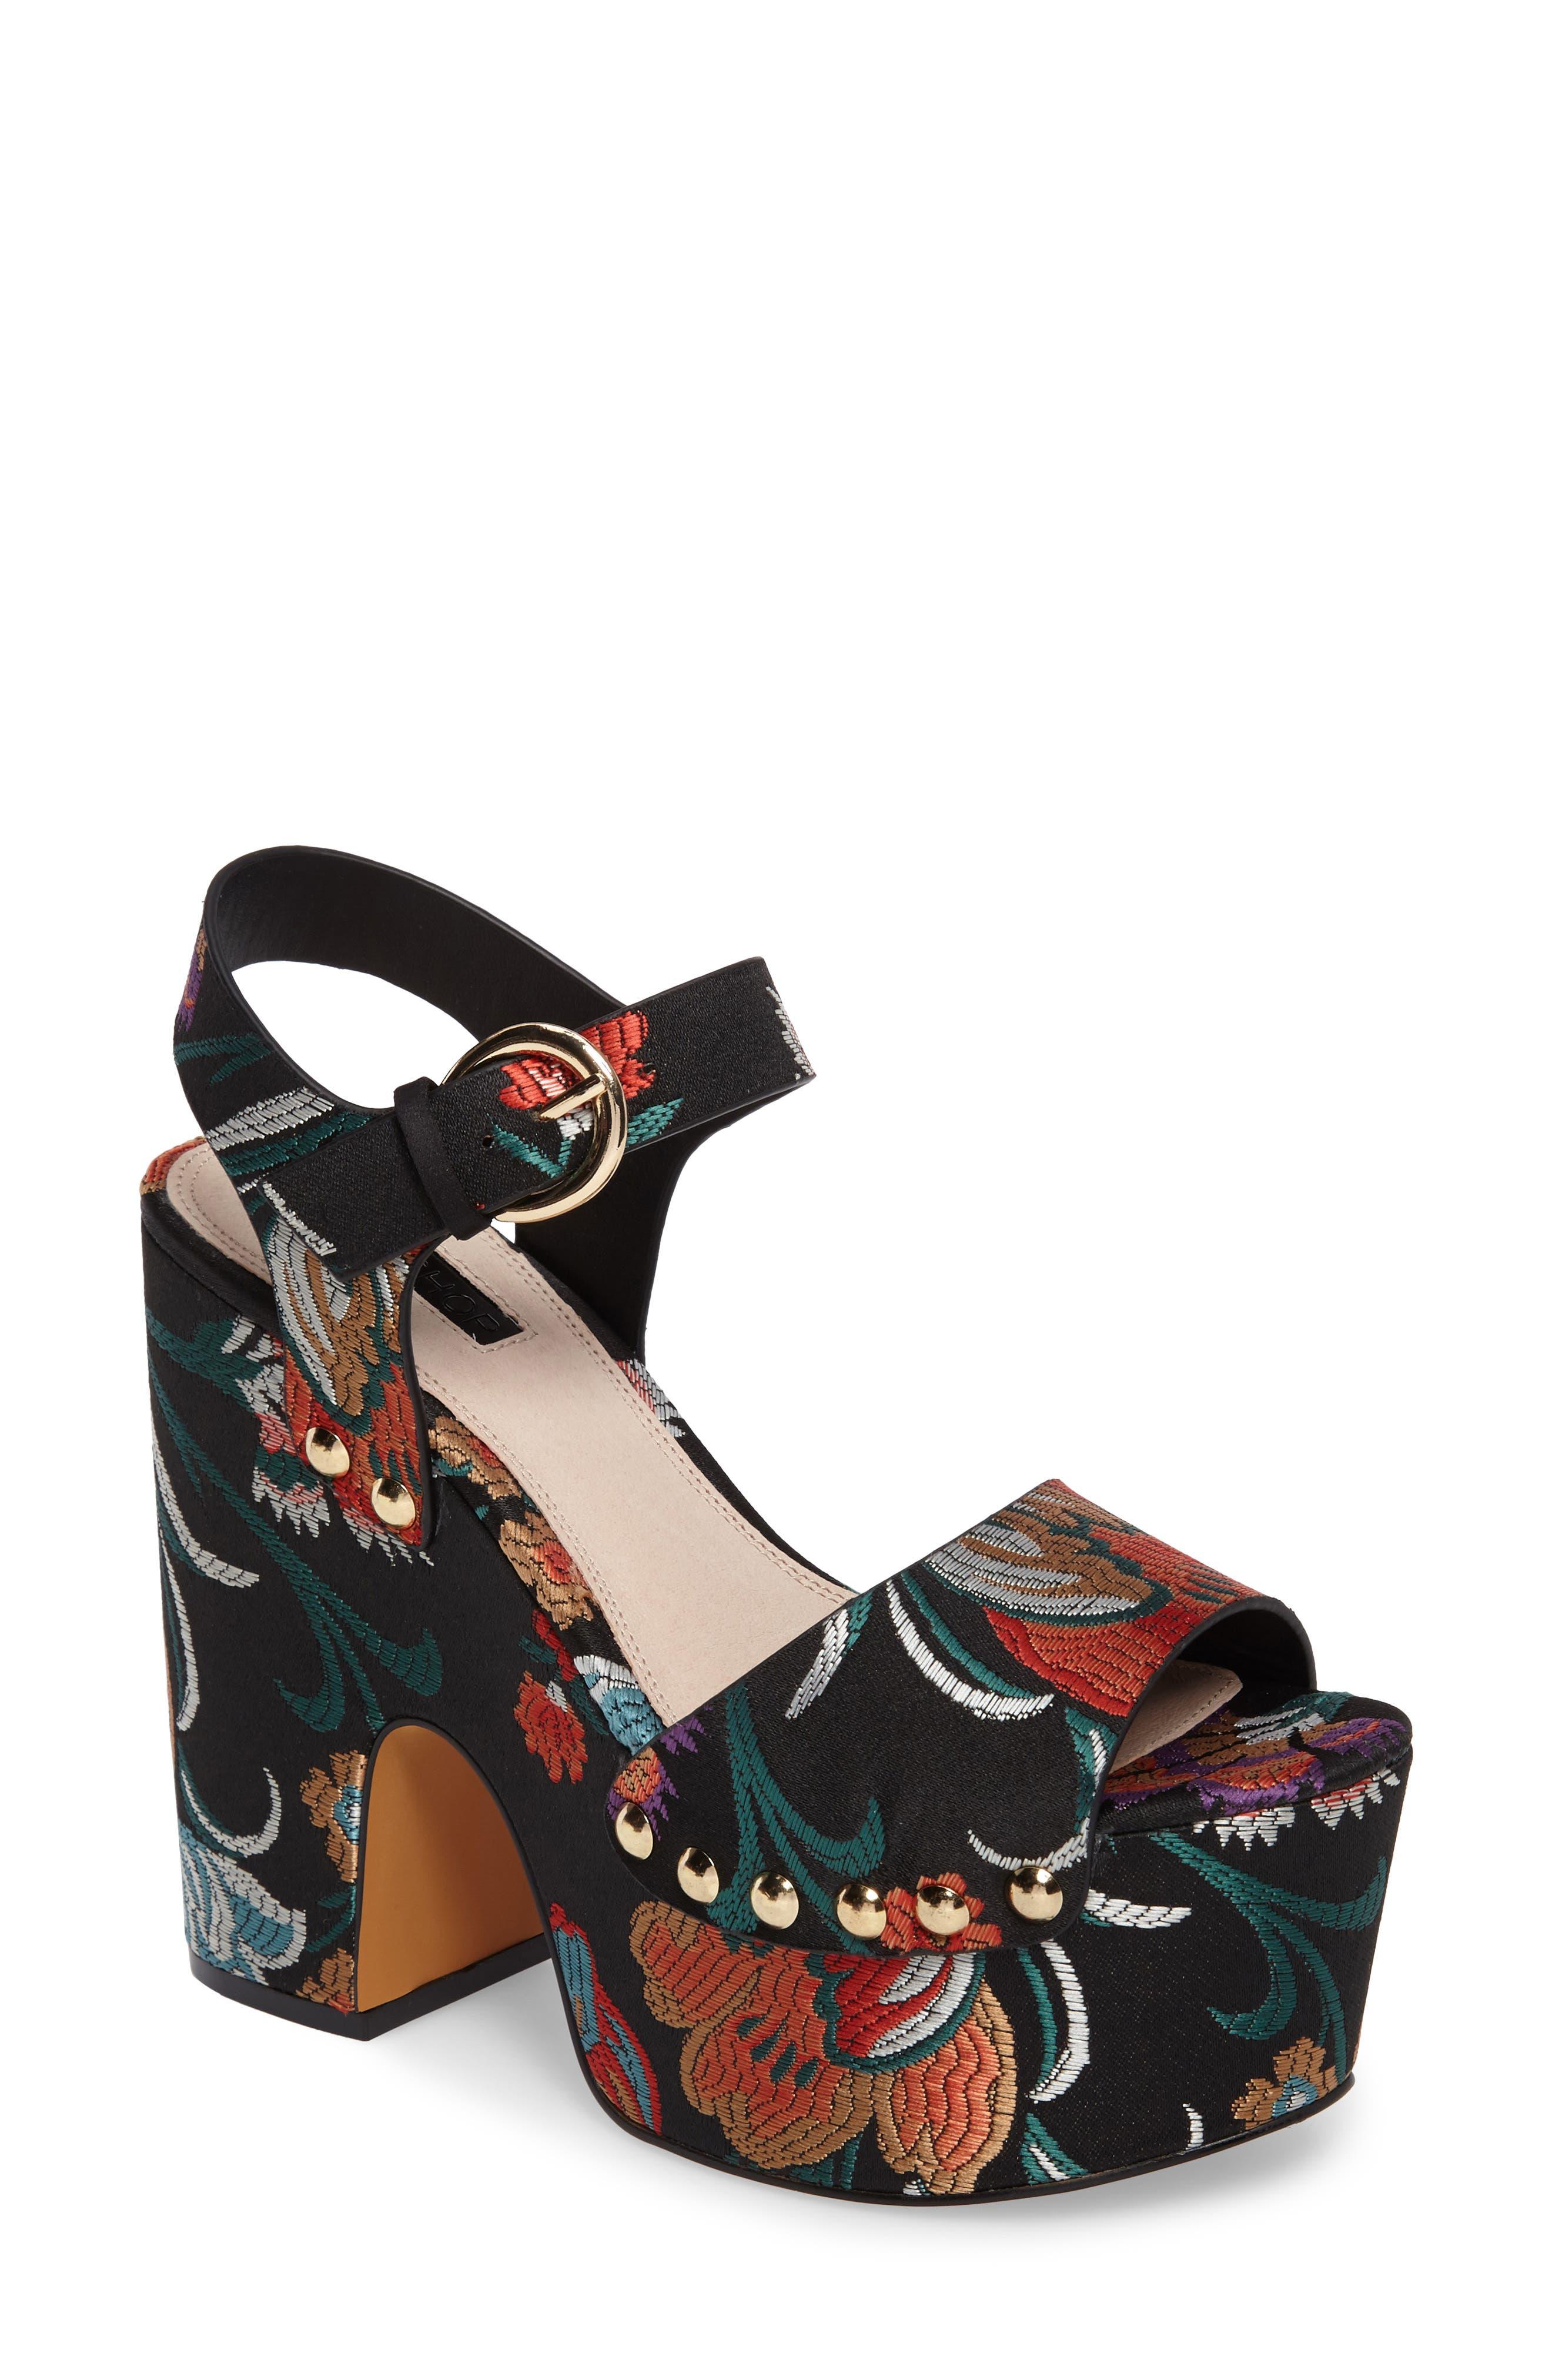 Lourdes Embroidered Platform Sandal,                         Main,                         color, 001